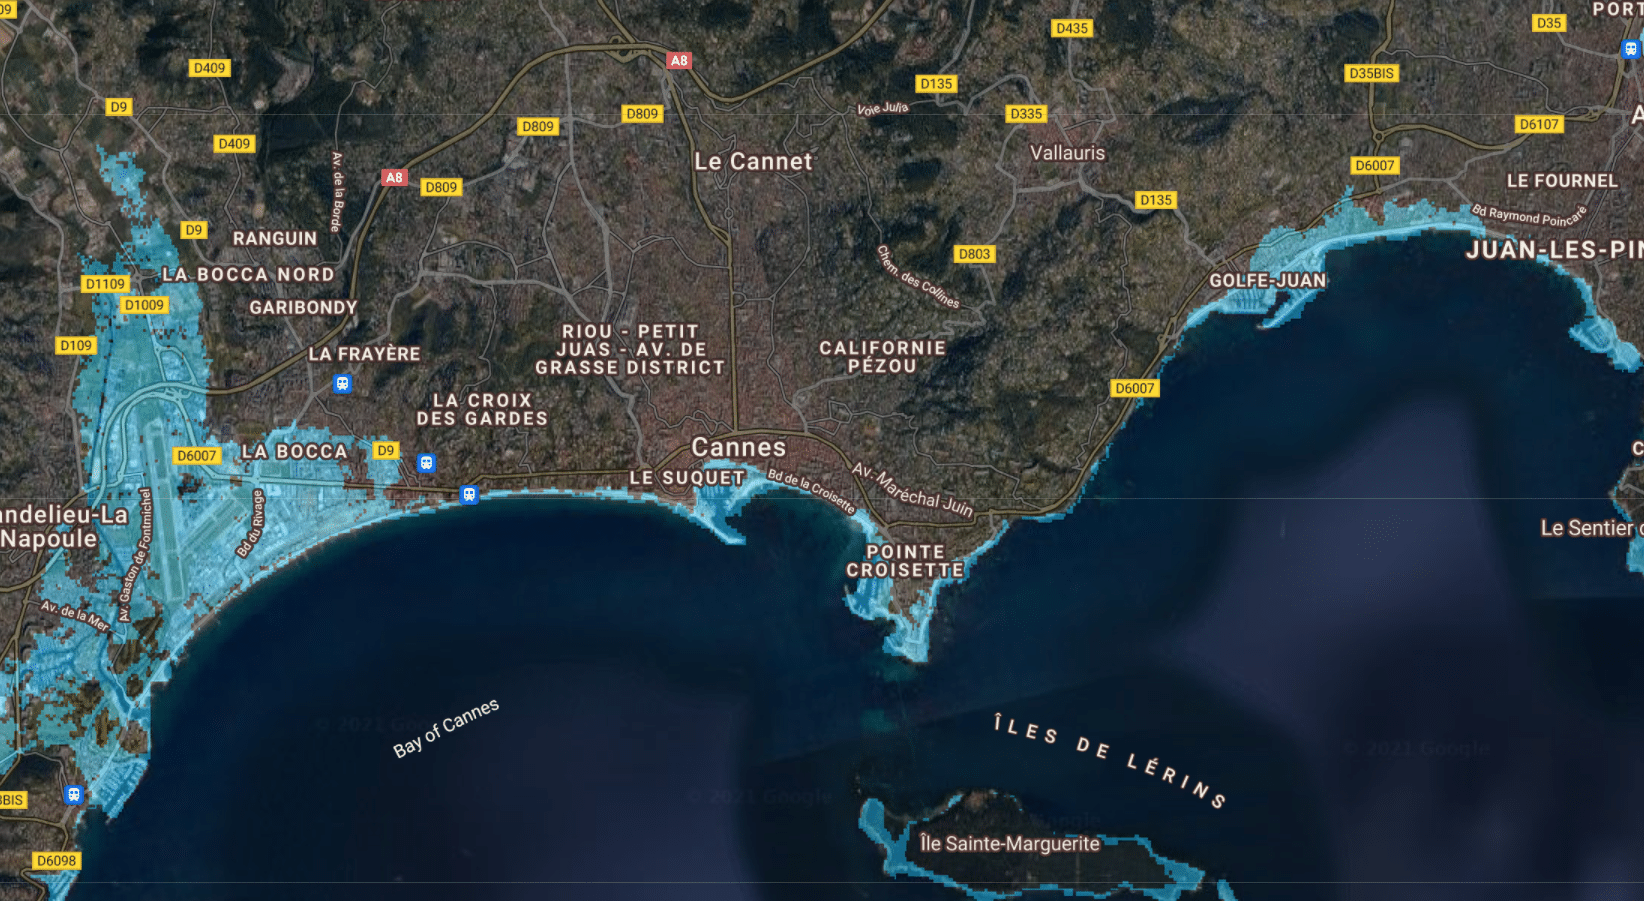 montée niveau de la mer france cannes 3m